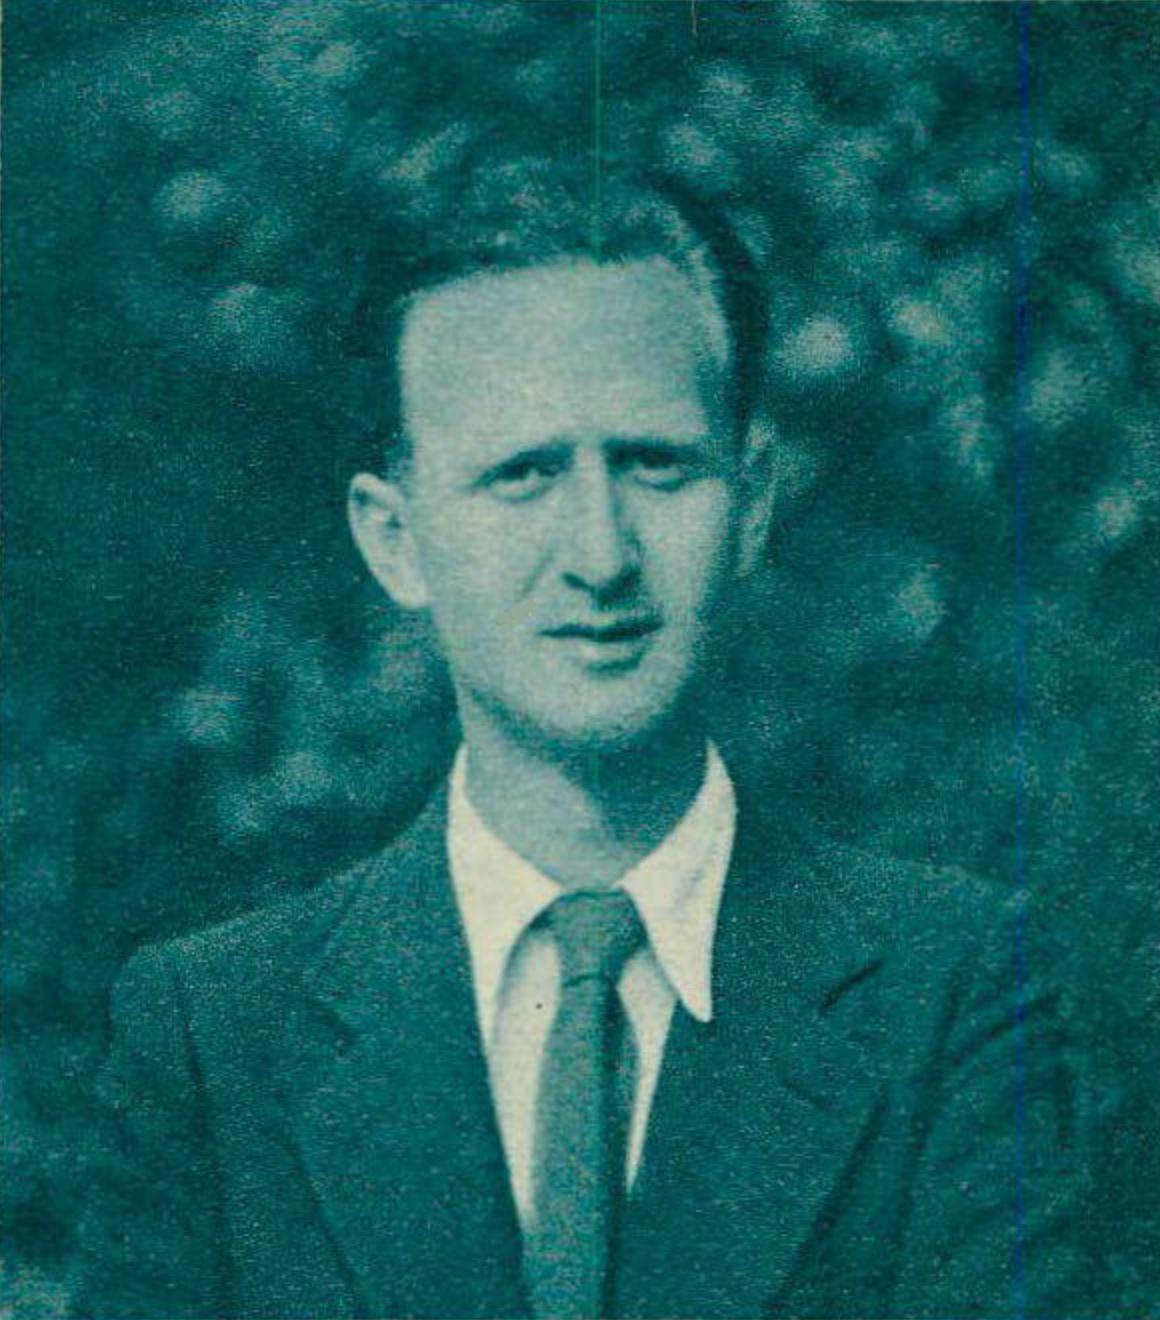 Pierre Colombo à la fin de ses études, un portrait fait par Photo Fransioli, Montreux / Vevey, publié dans la revue Radio Actualités du 25 juin 1943, No 26, en page 807. Cliquer pour une vue agrandie